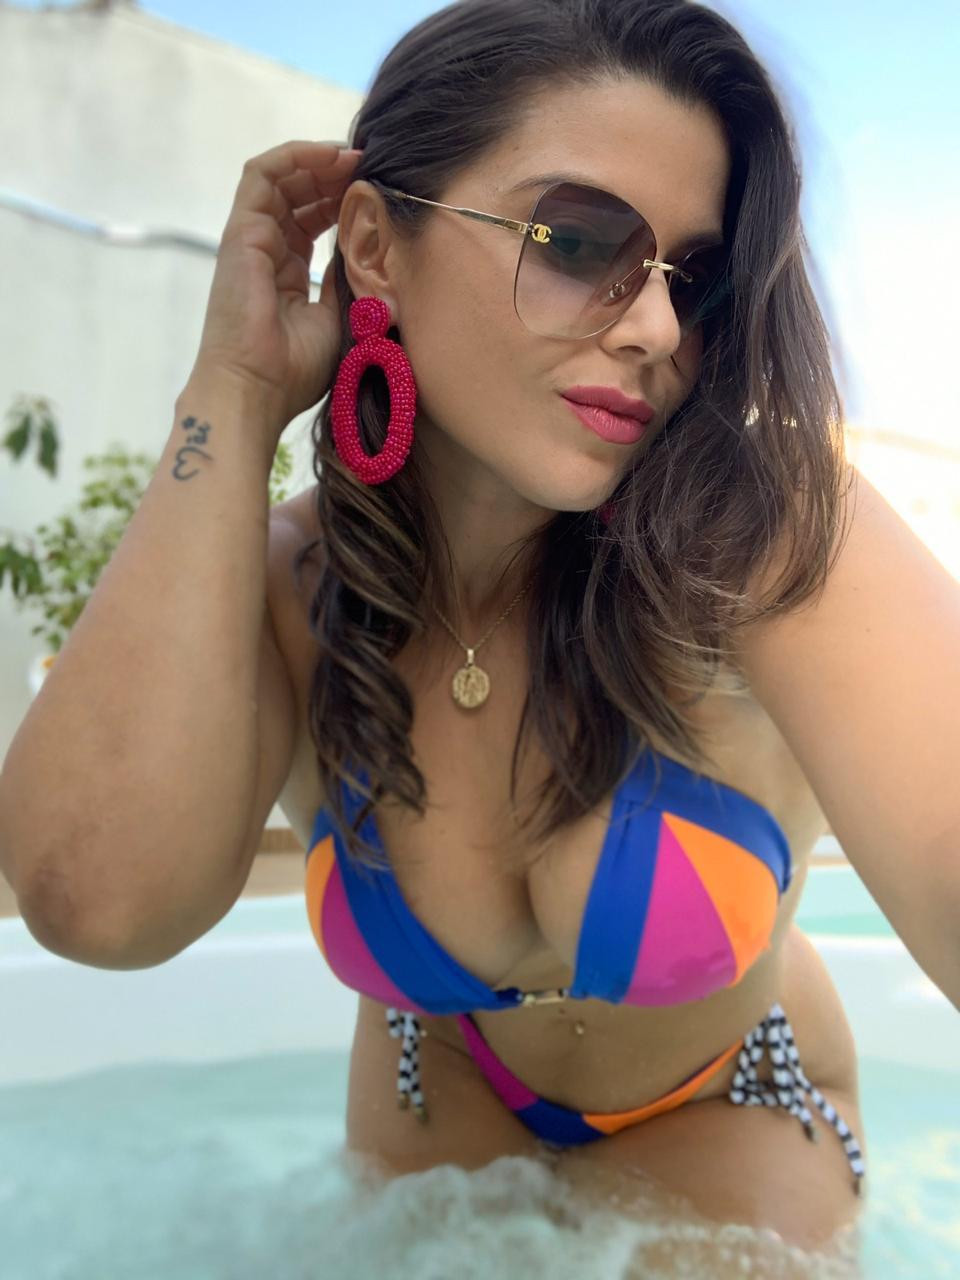 Flávia Gira de 34 anos aposta na beleza da mulher brasileira e vai conquistando fãs